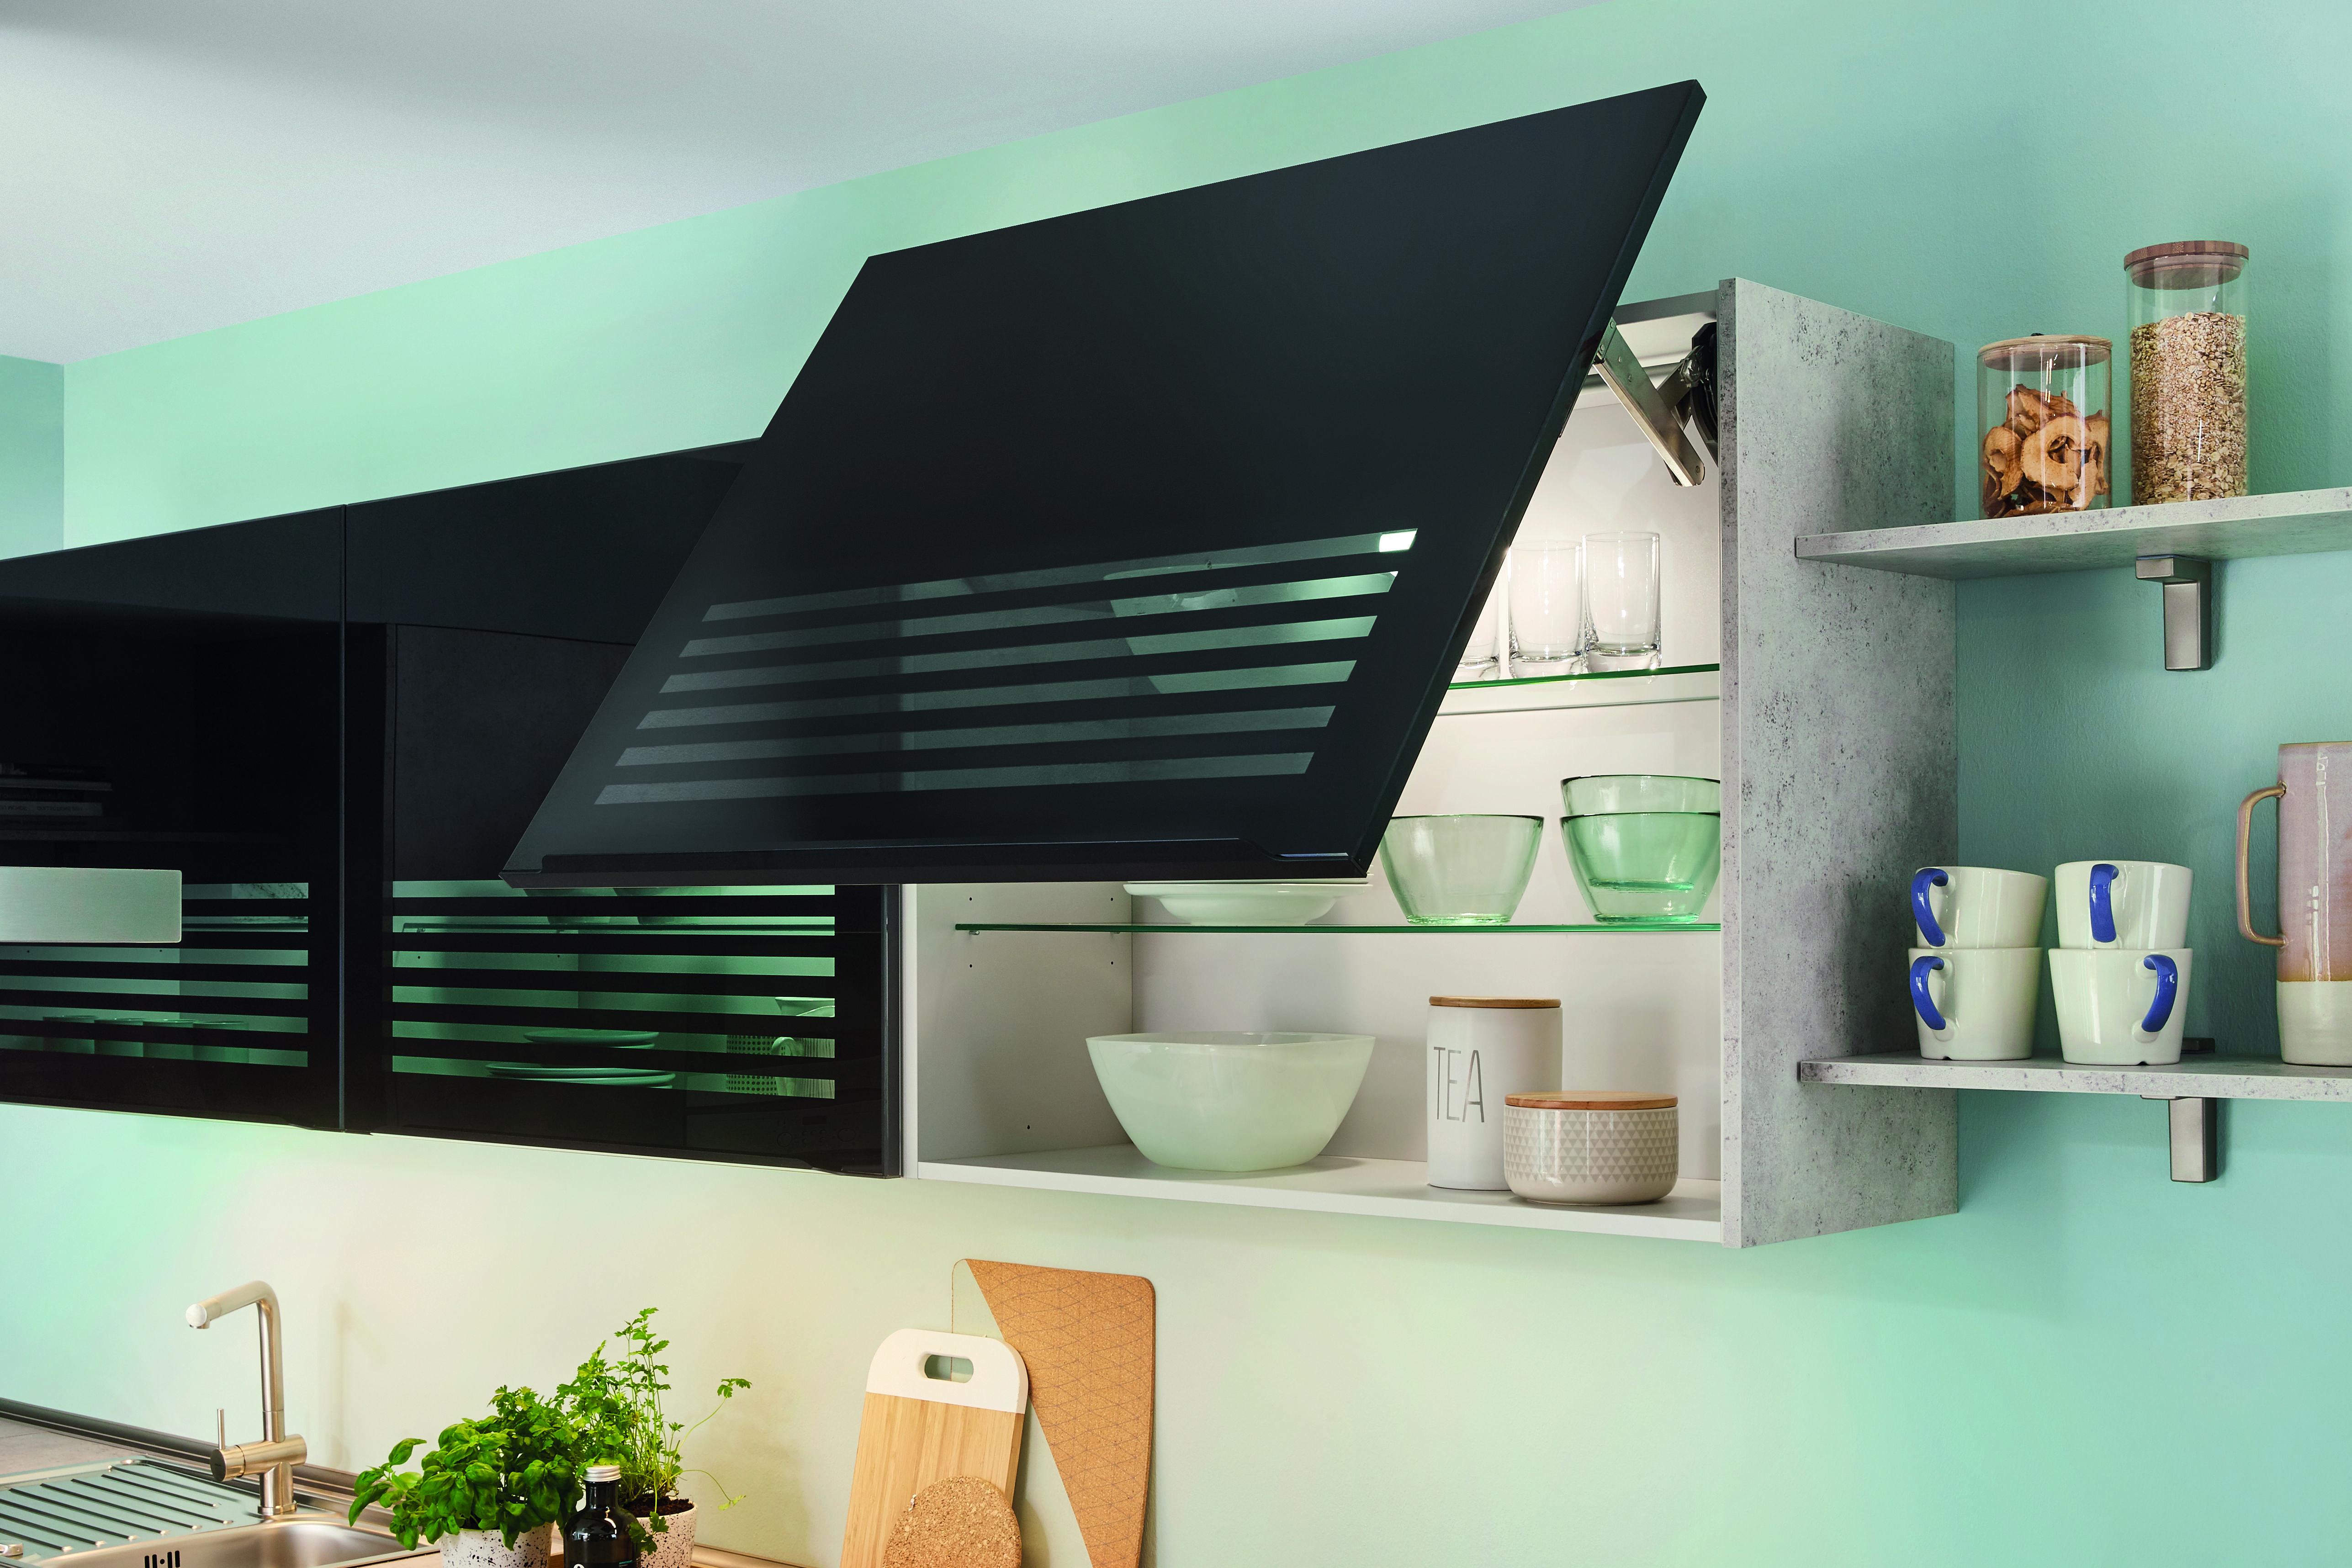 wohnideen minimalistischem bambus, mondo küchenplaner. spritzschutz küche bambus mediterrane, Design ideen